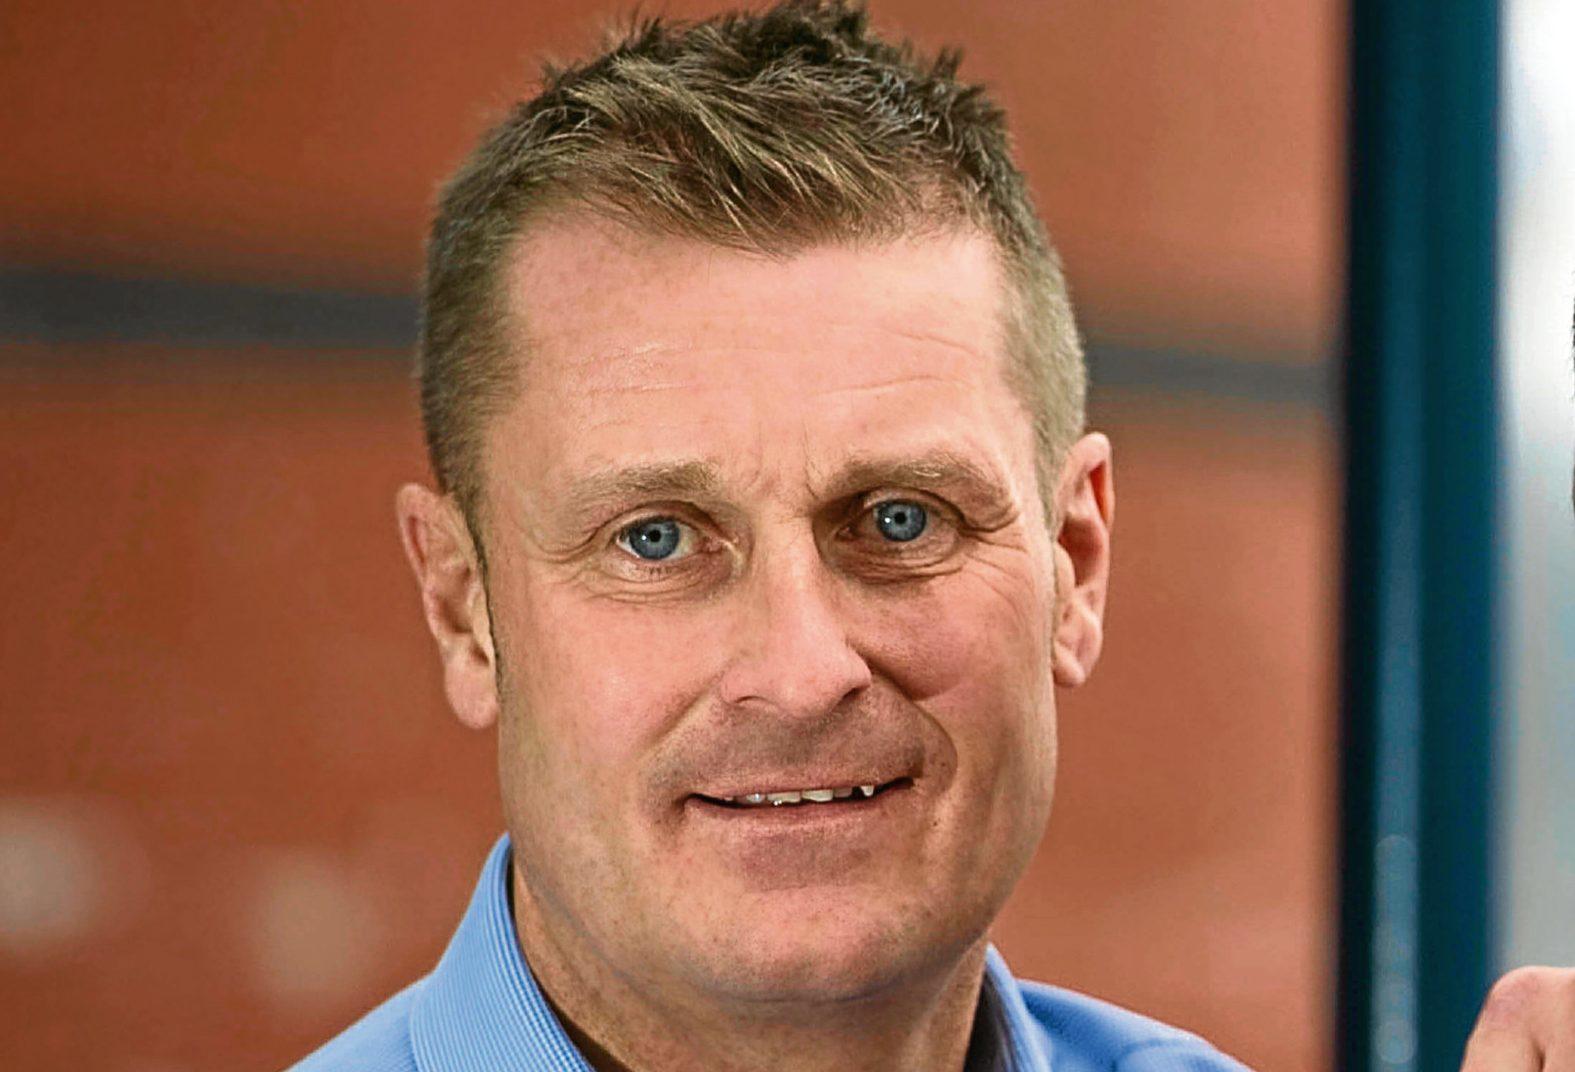 Kevin McGoldrick